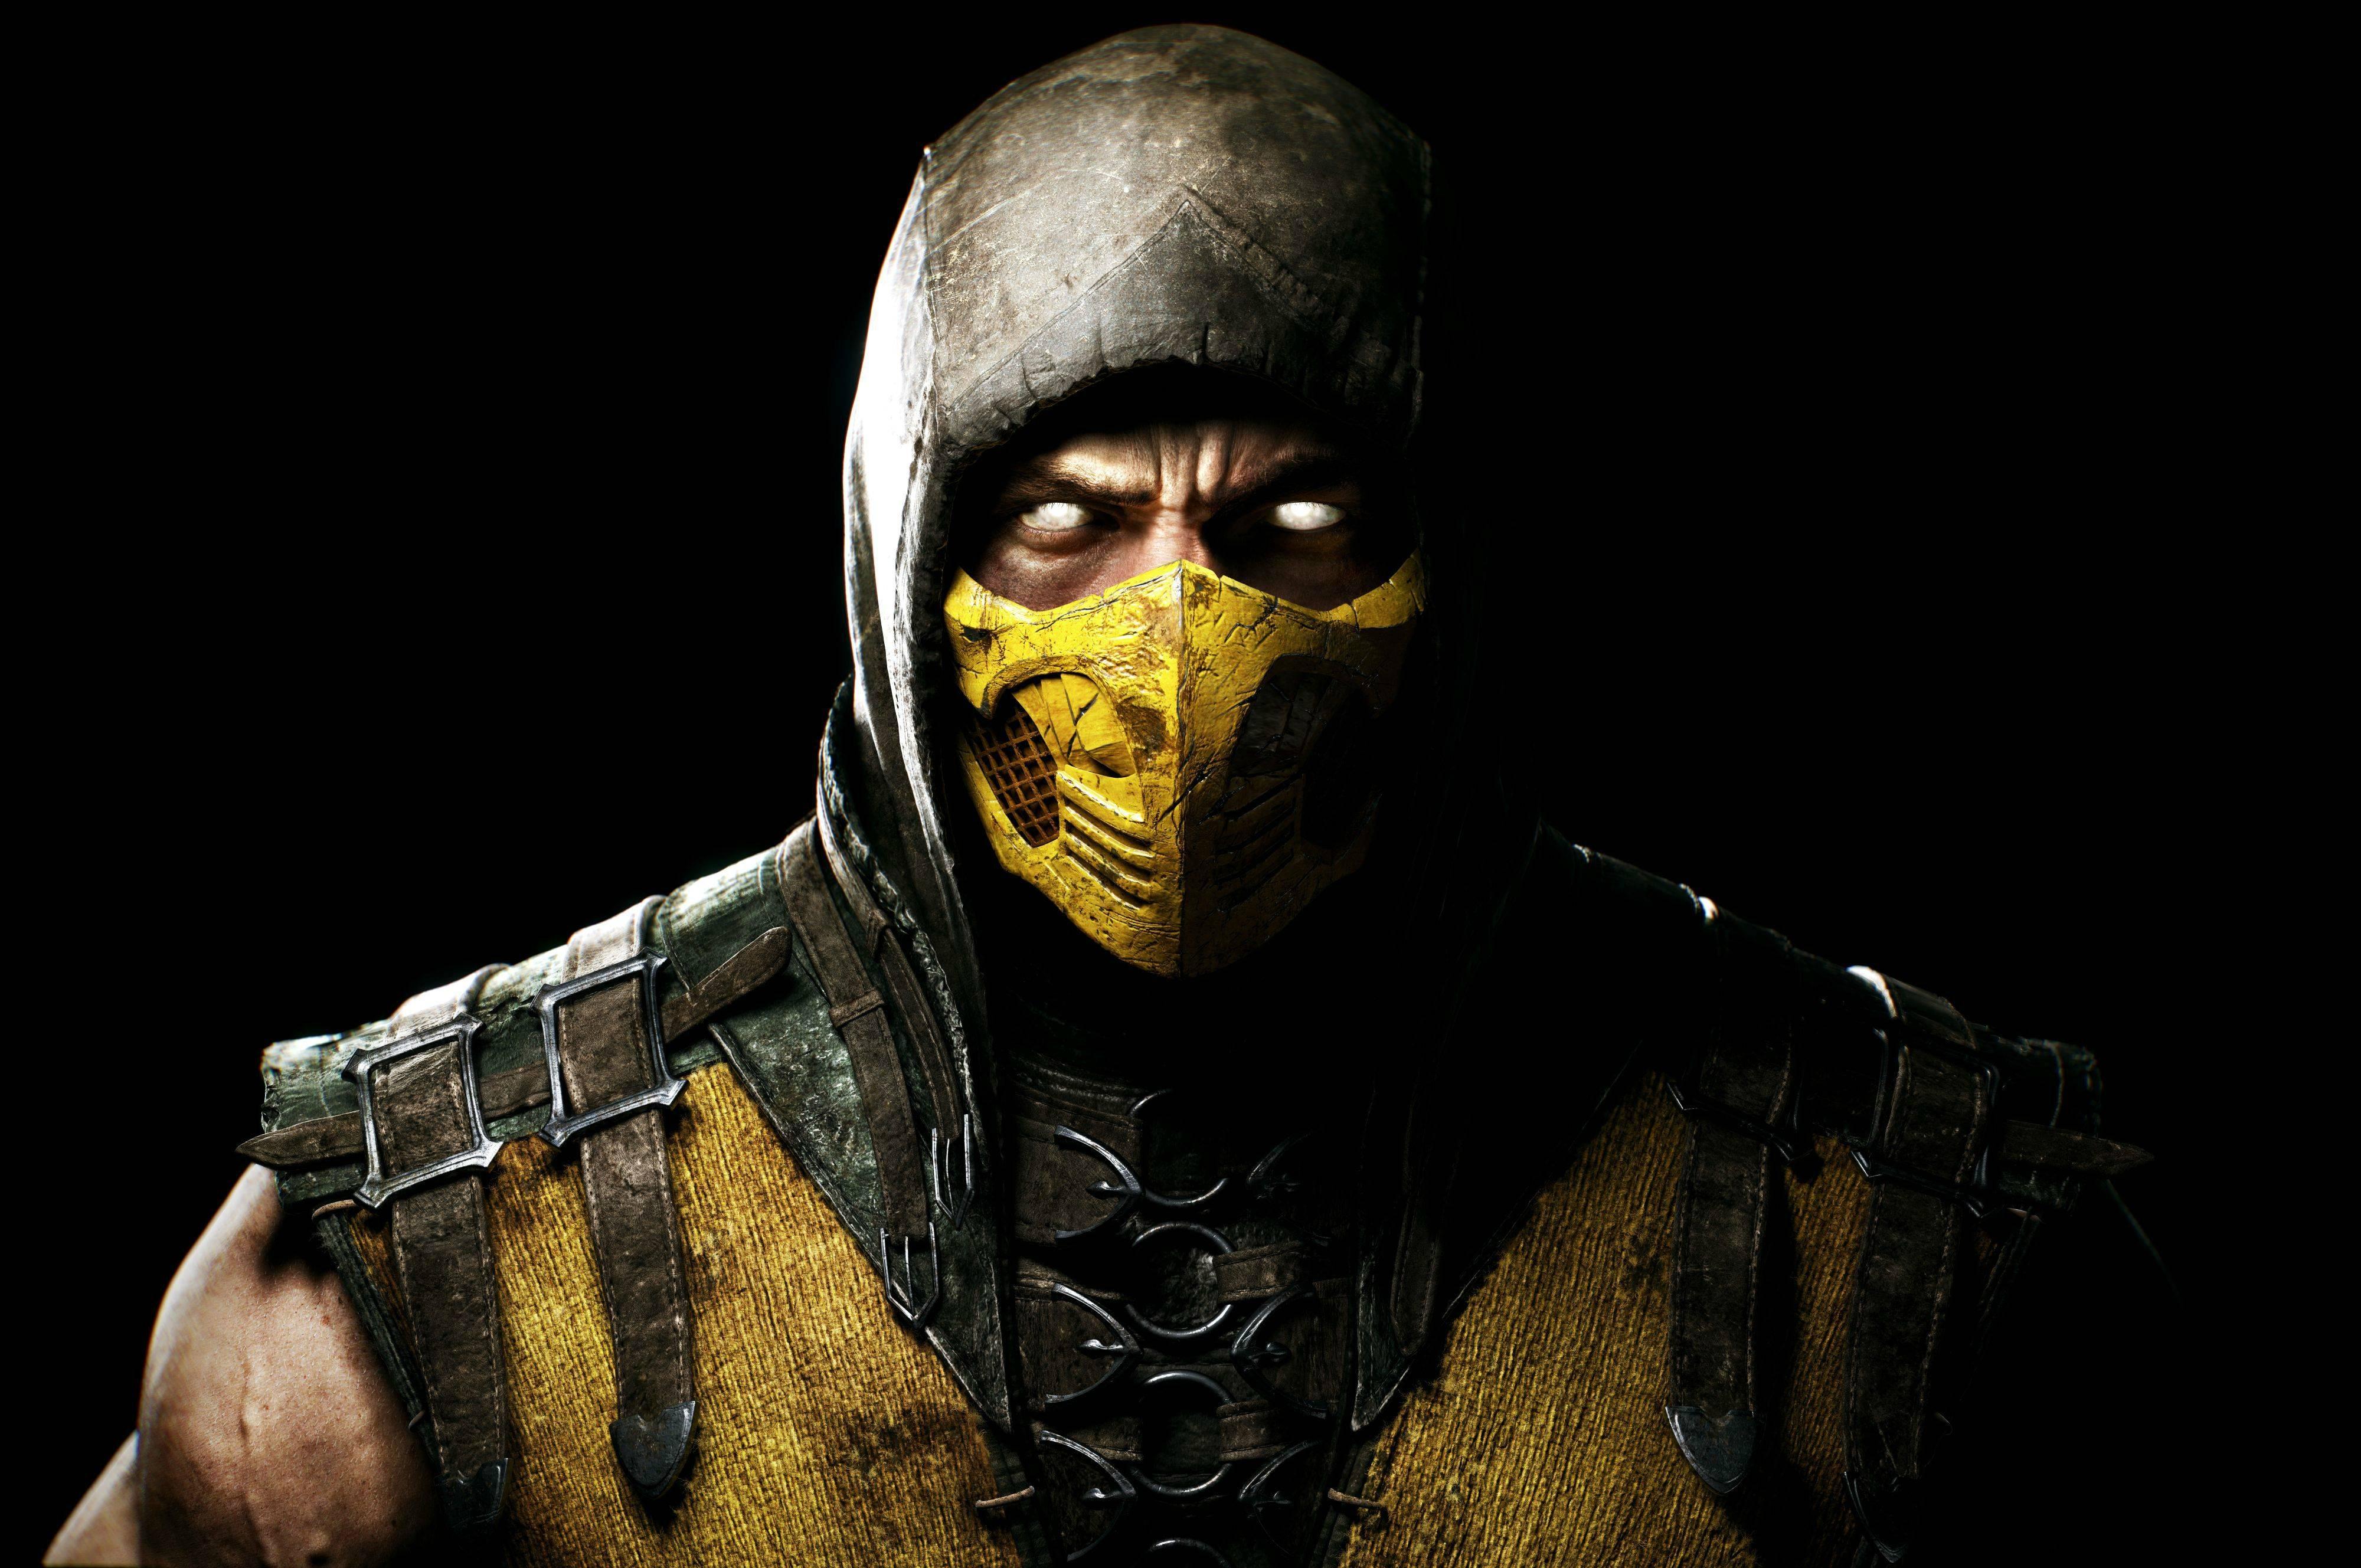 Mortal Kombat X: Первые подробности из официального пресс-релиза, арты и бокс-арт - Изображение 2